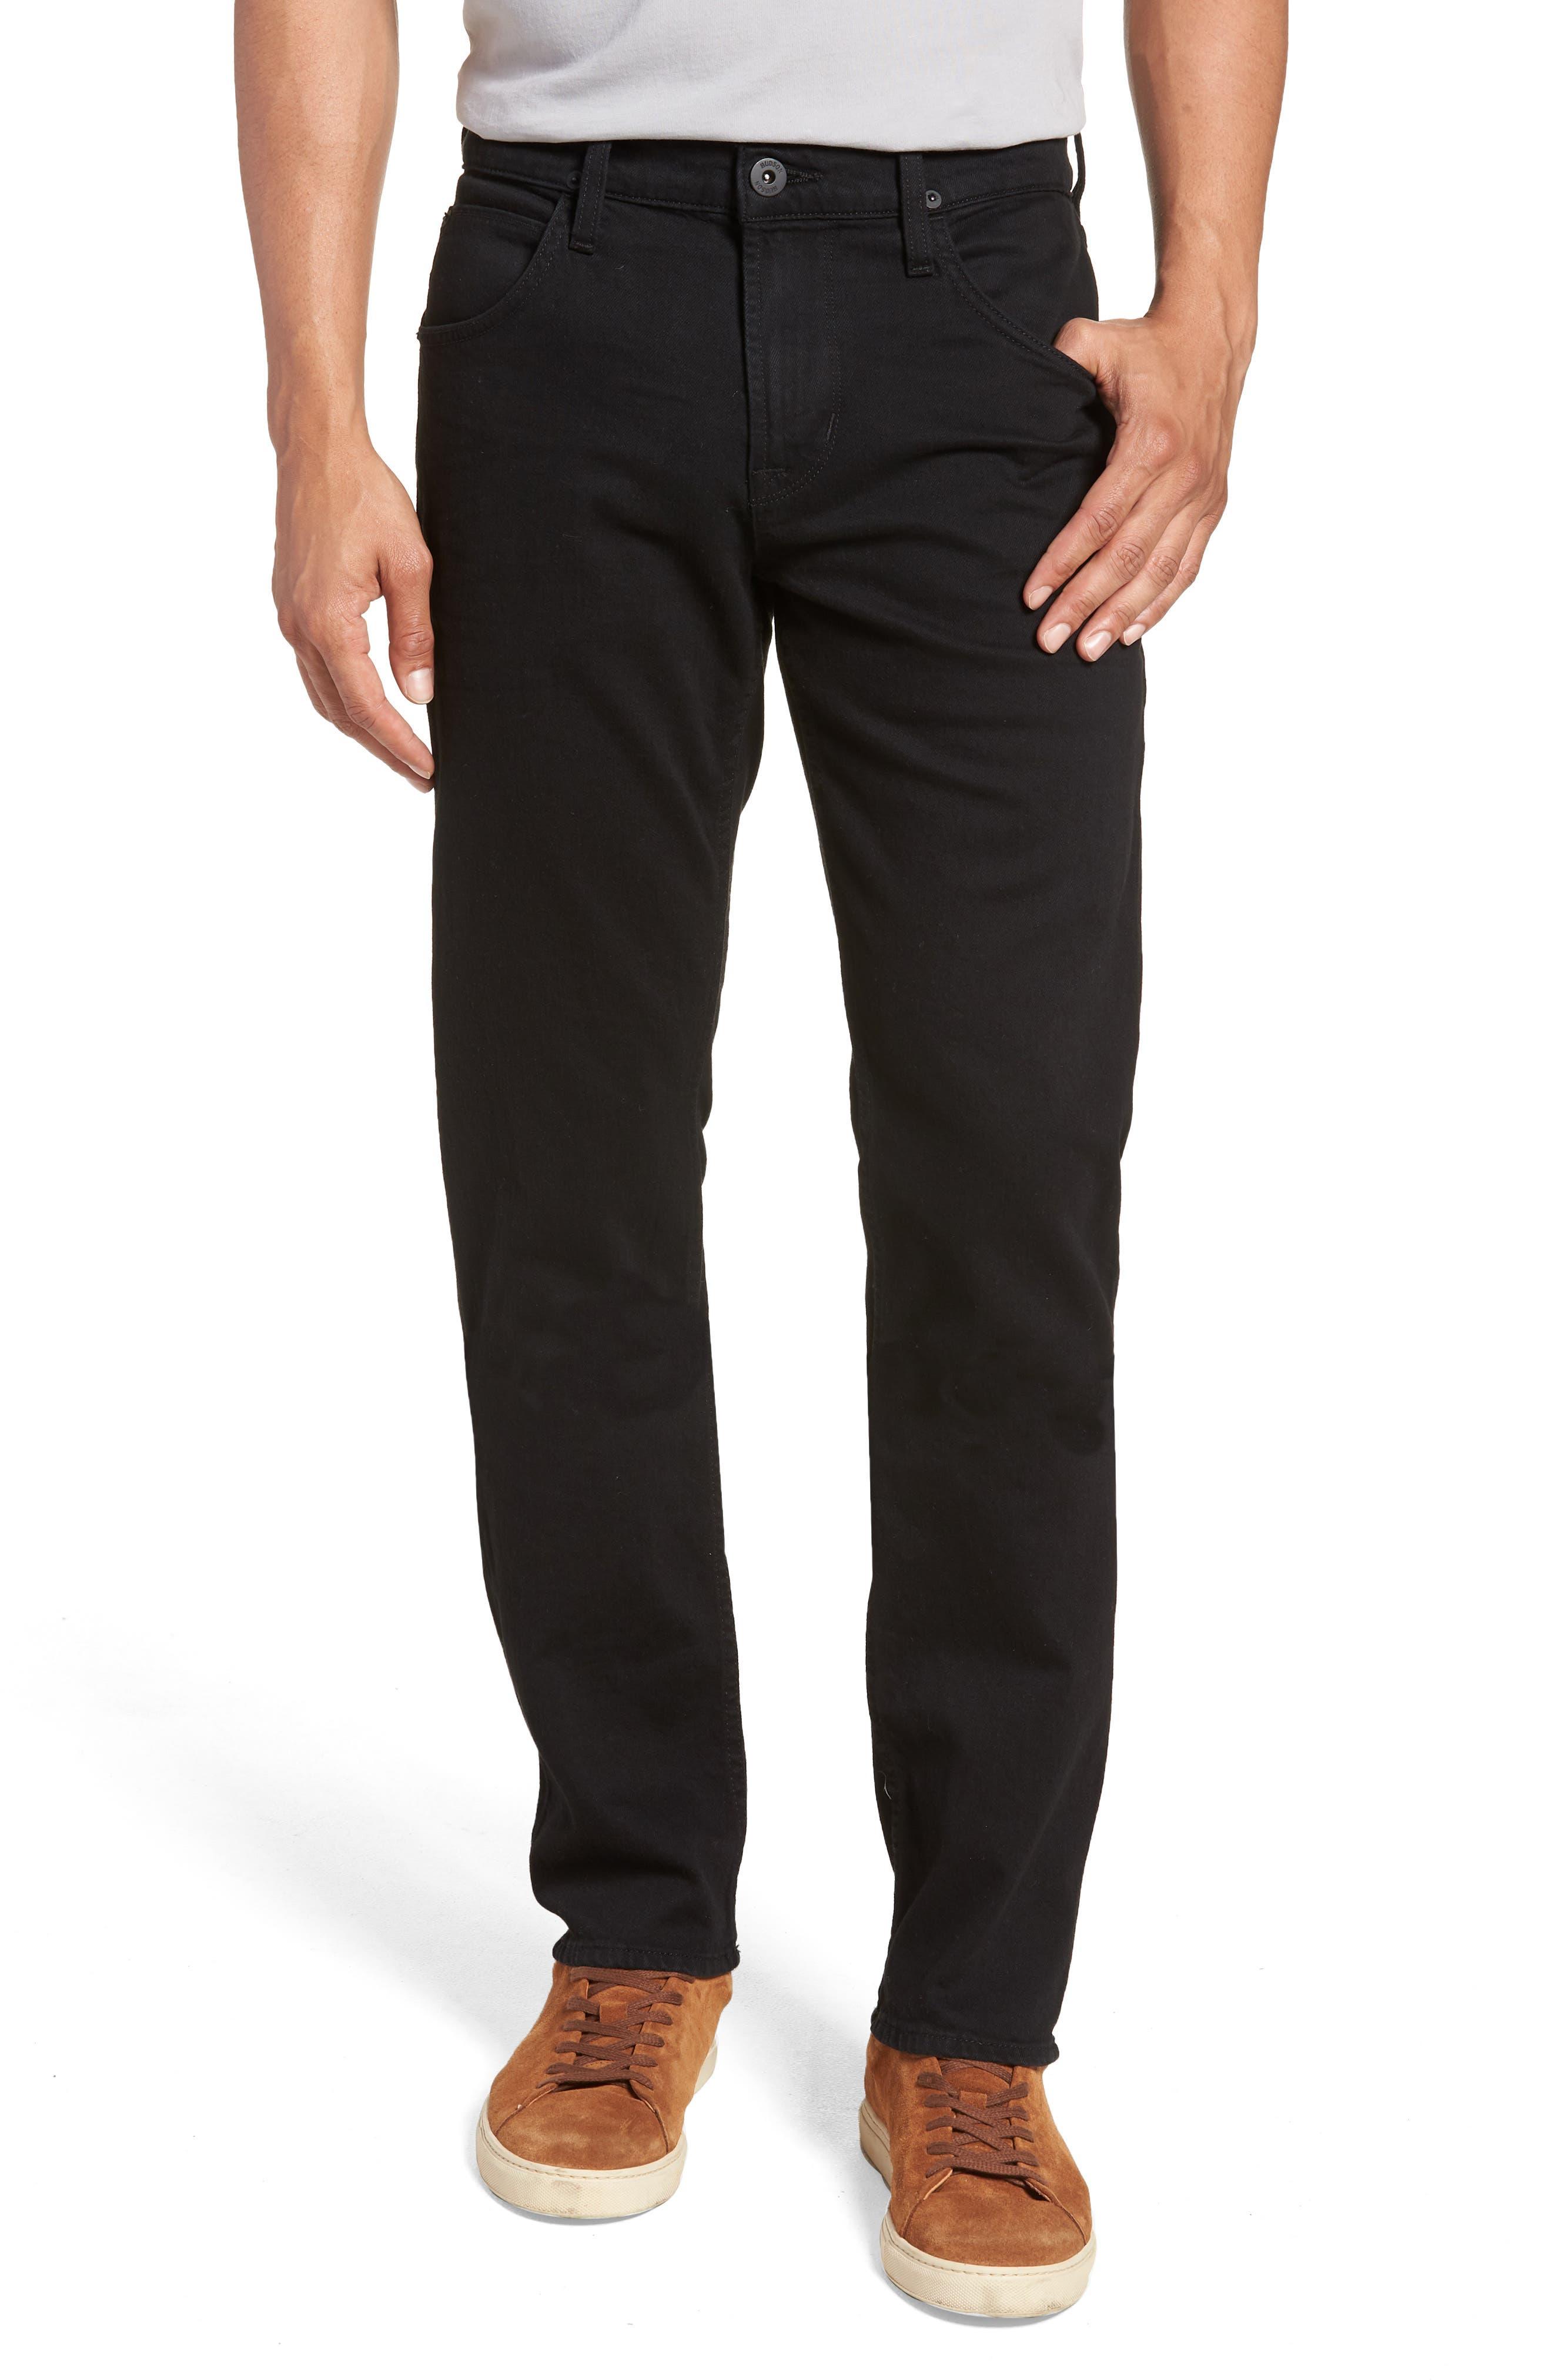 Blake Slim Fit Jeans,                             Main thumbnail 1, color,                             Heron